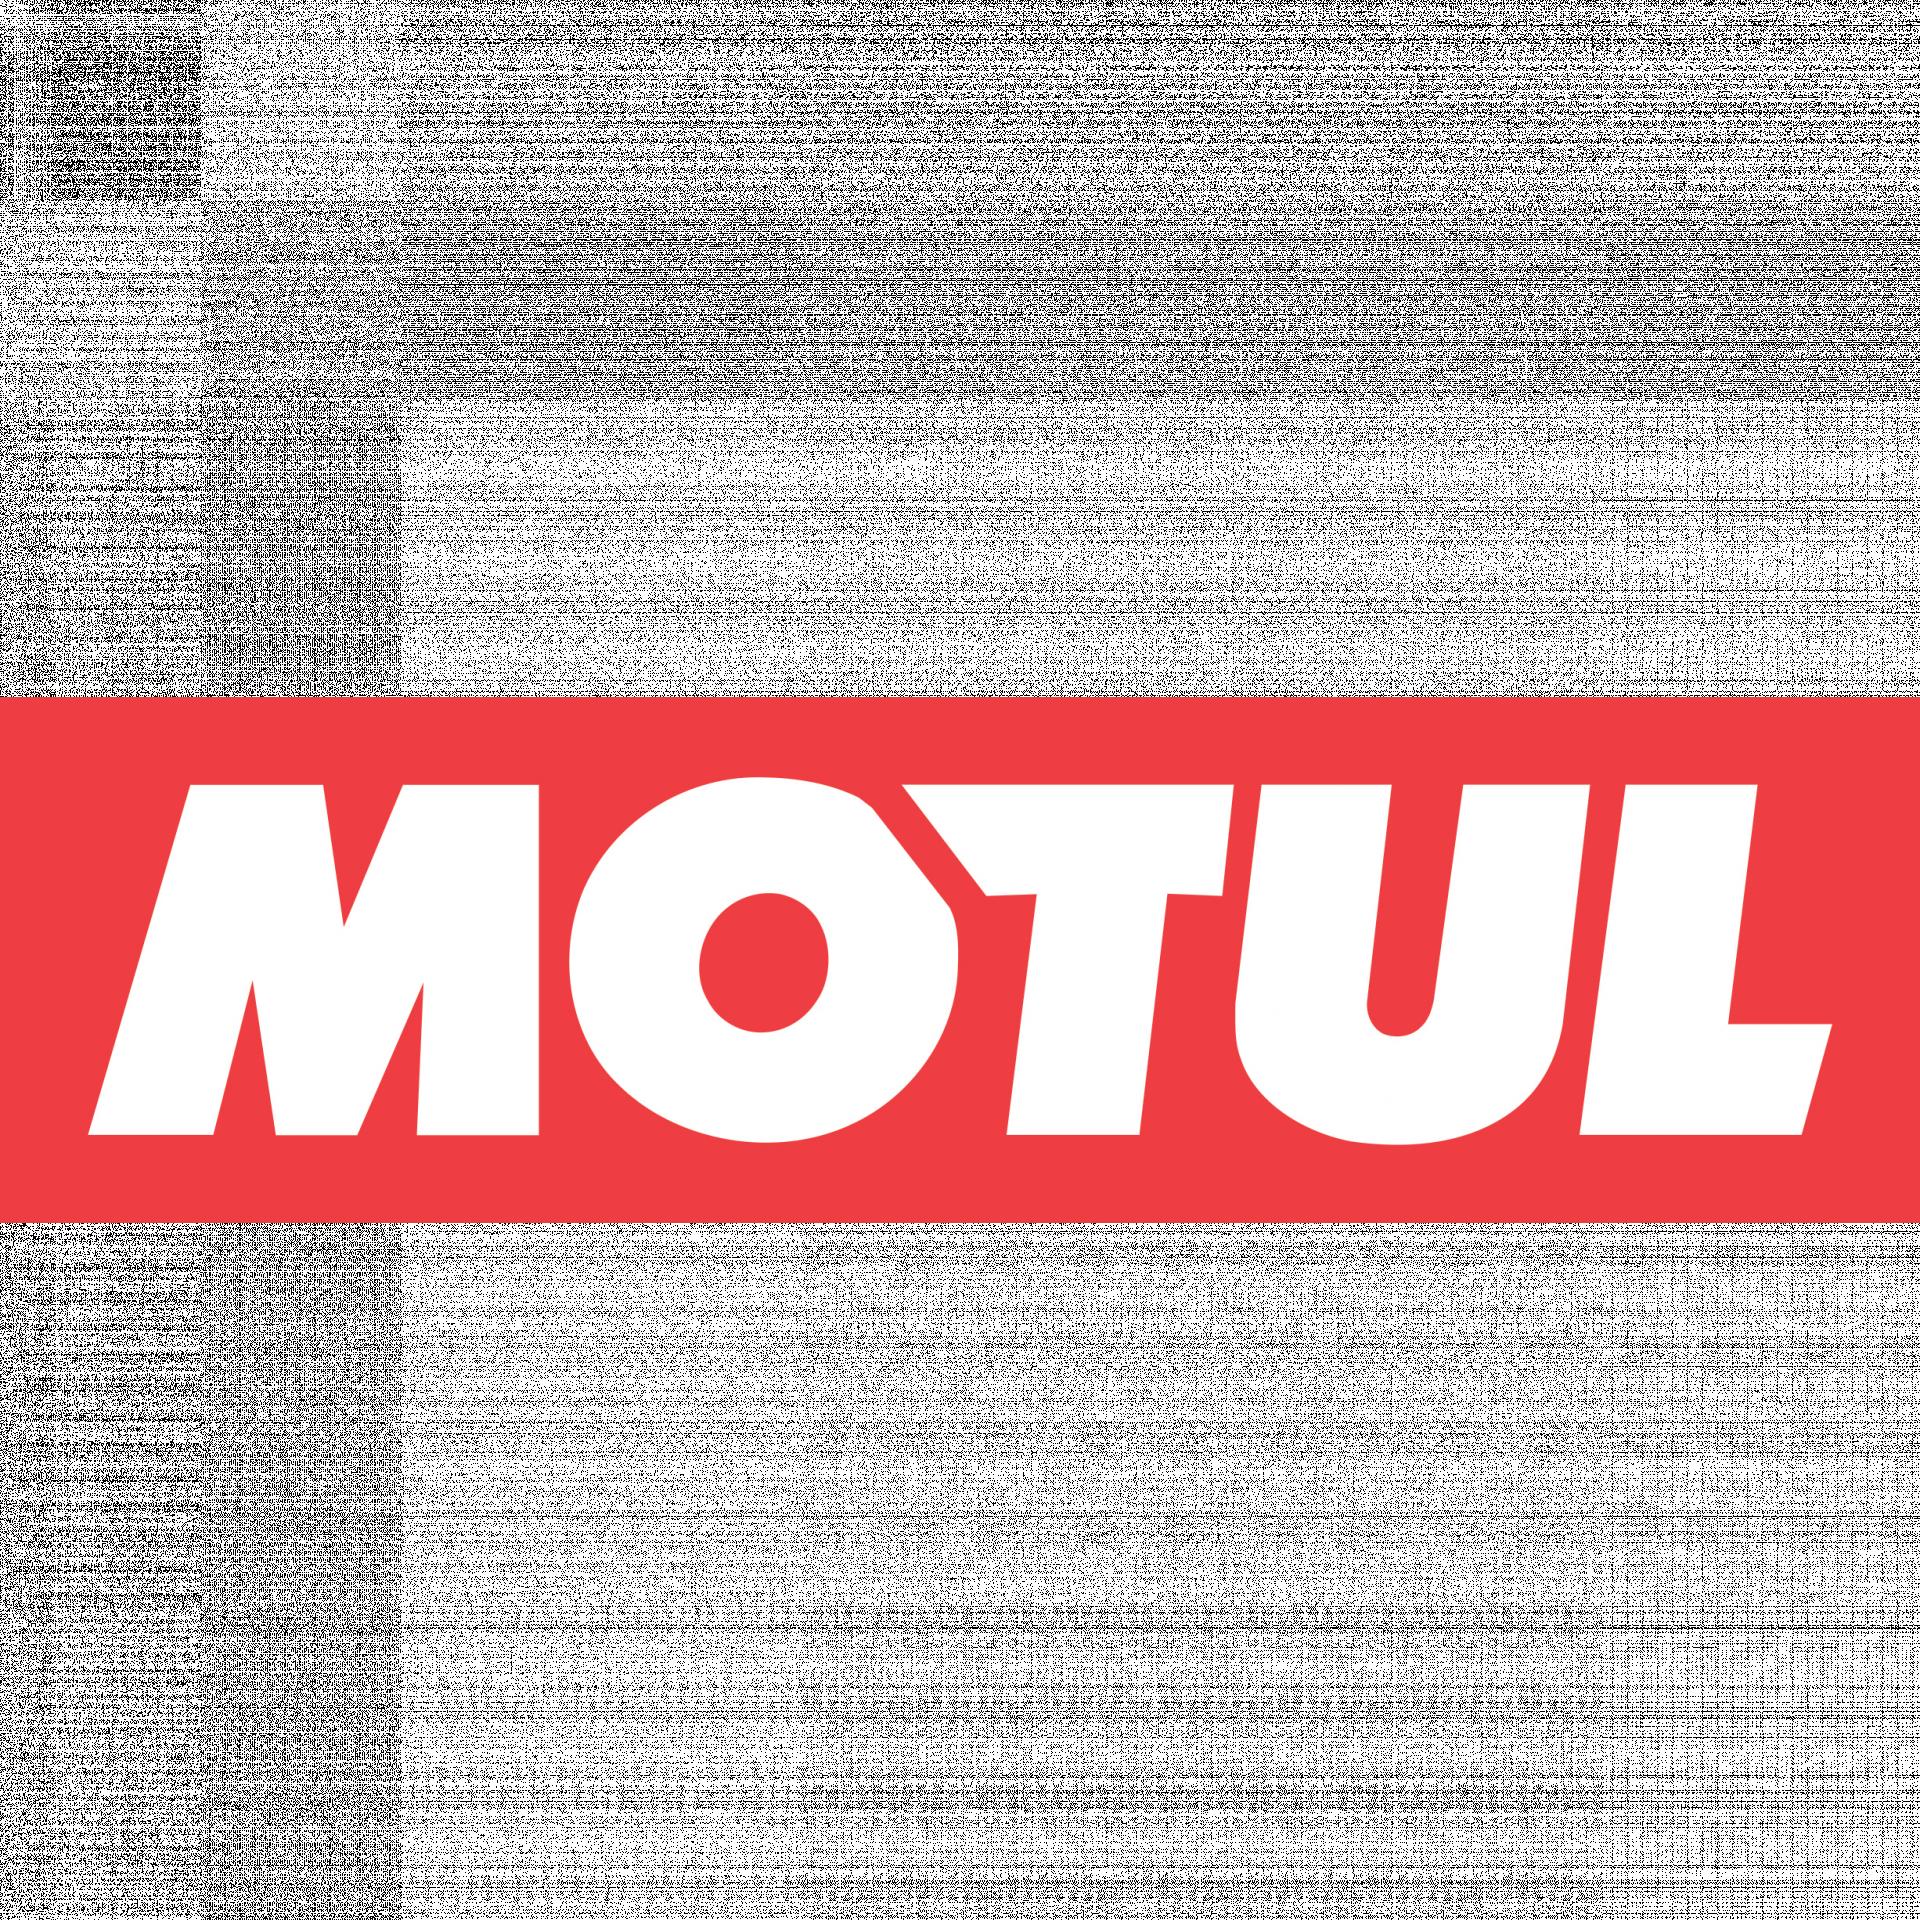 Motul_Logo_Primary_quad.png